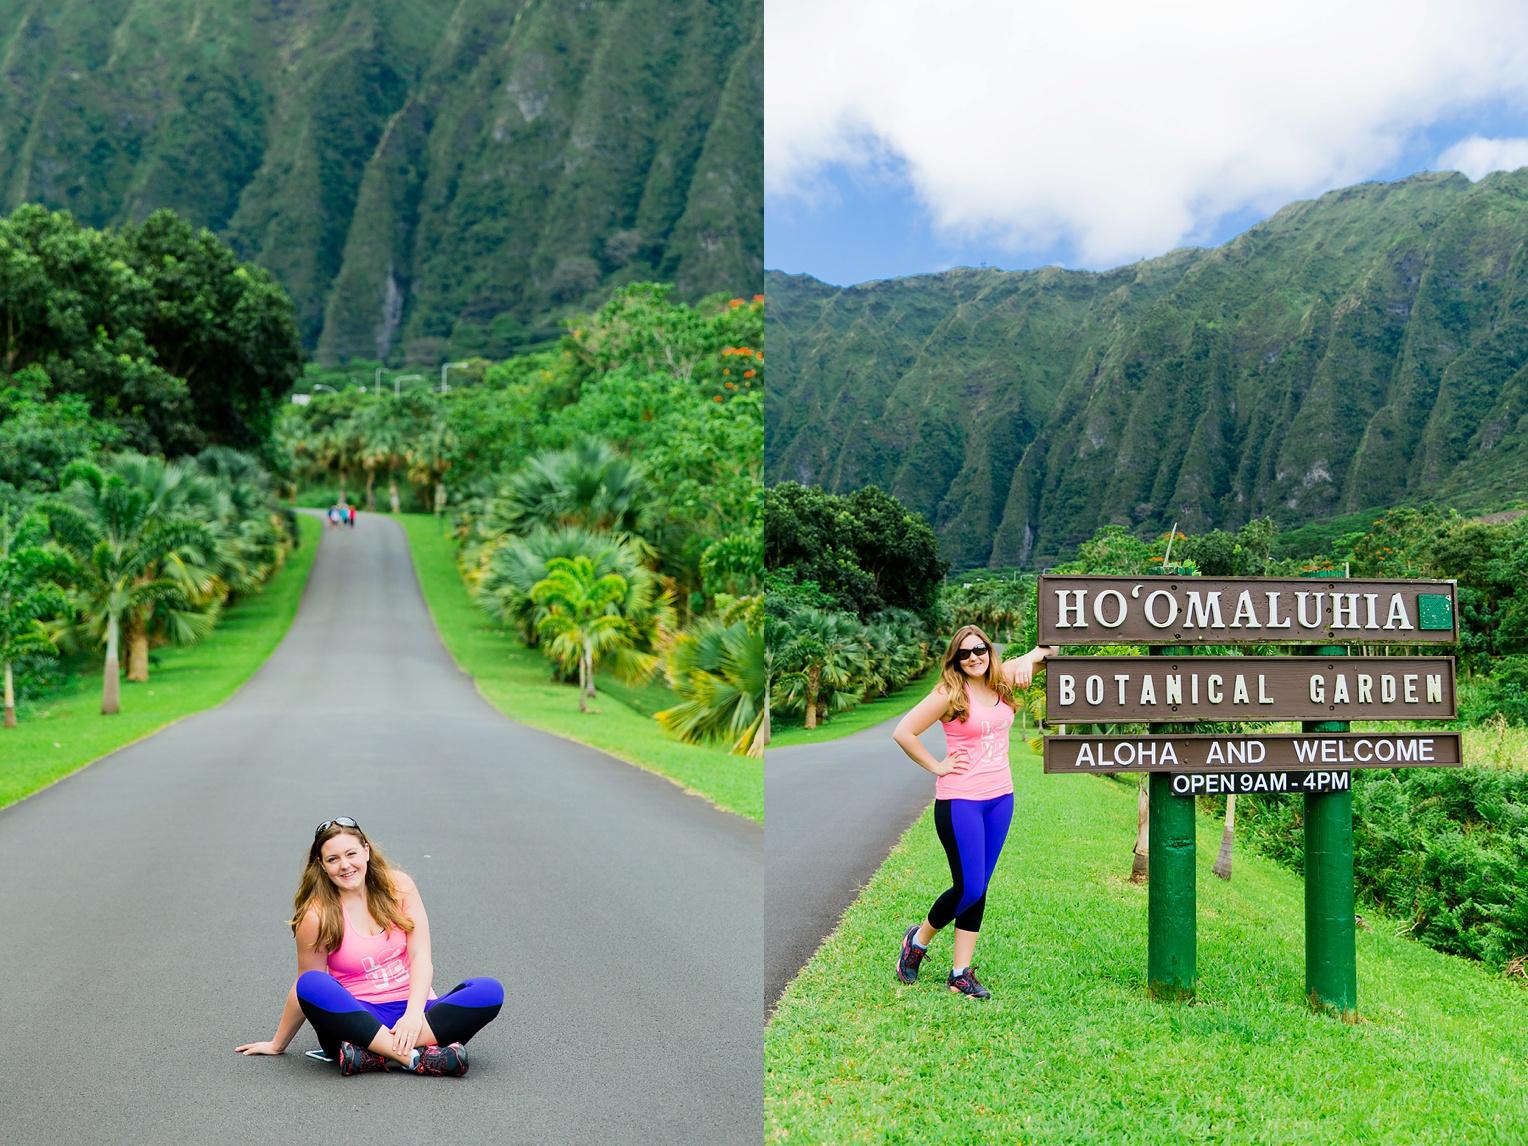 Hawaii Oahu Botanical Gardens Ko'olina Lagoon-9409.jpg